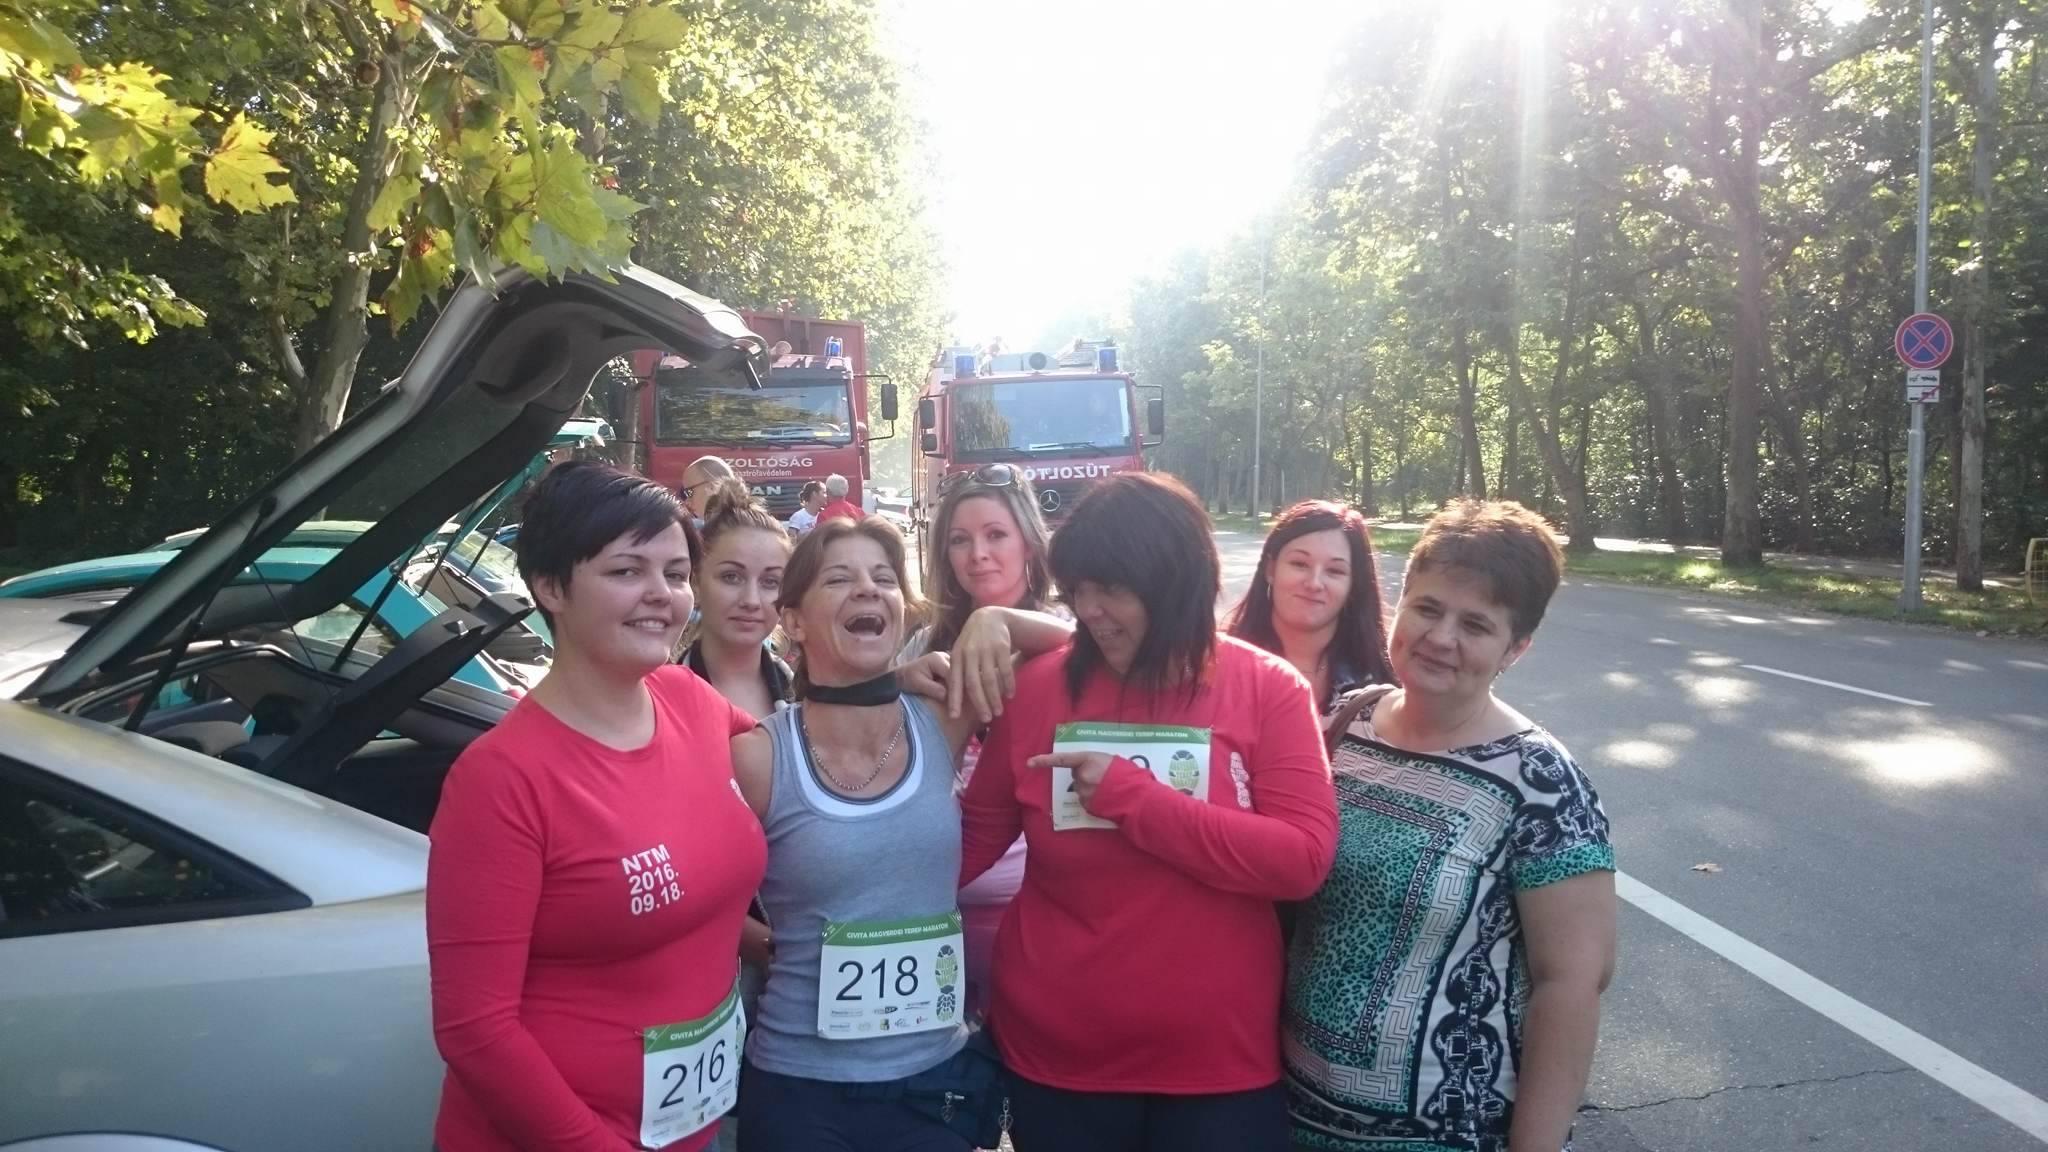 Debrecenben a Nagyerdei Terep Maraton futóversenyen_10